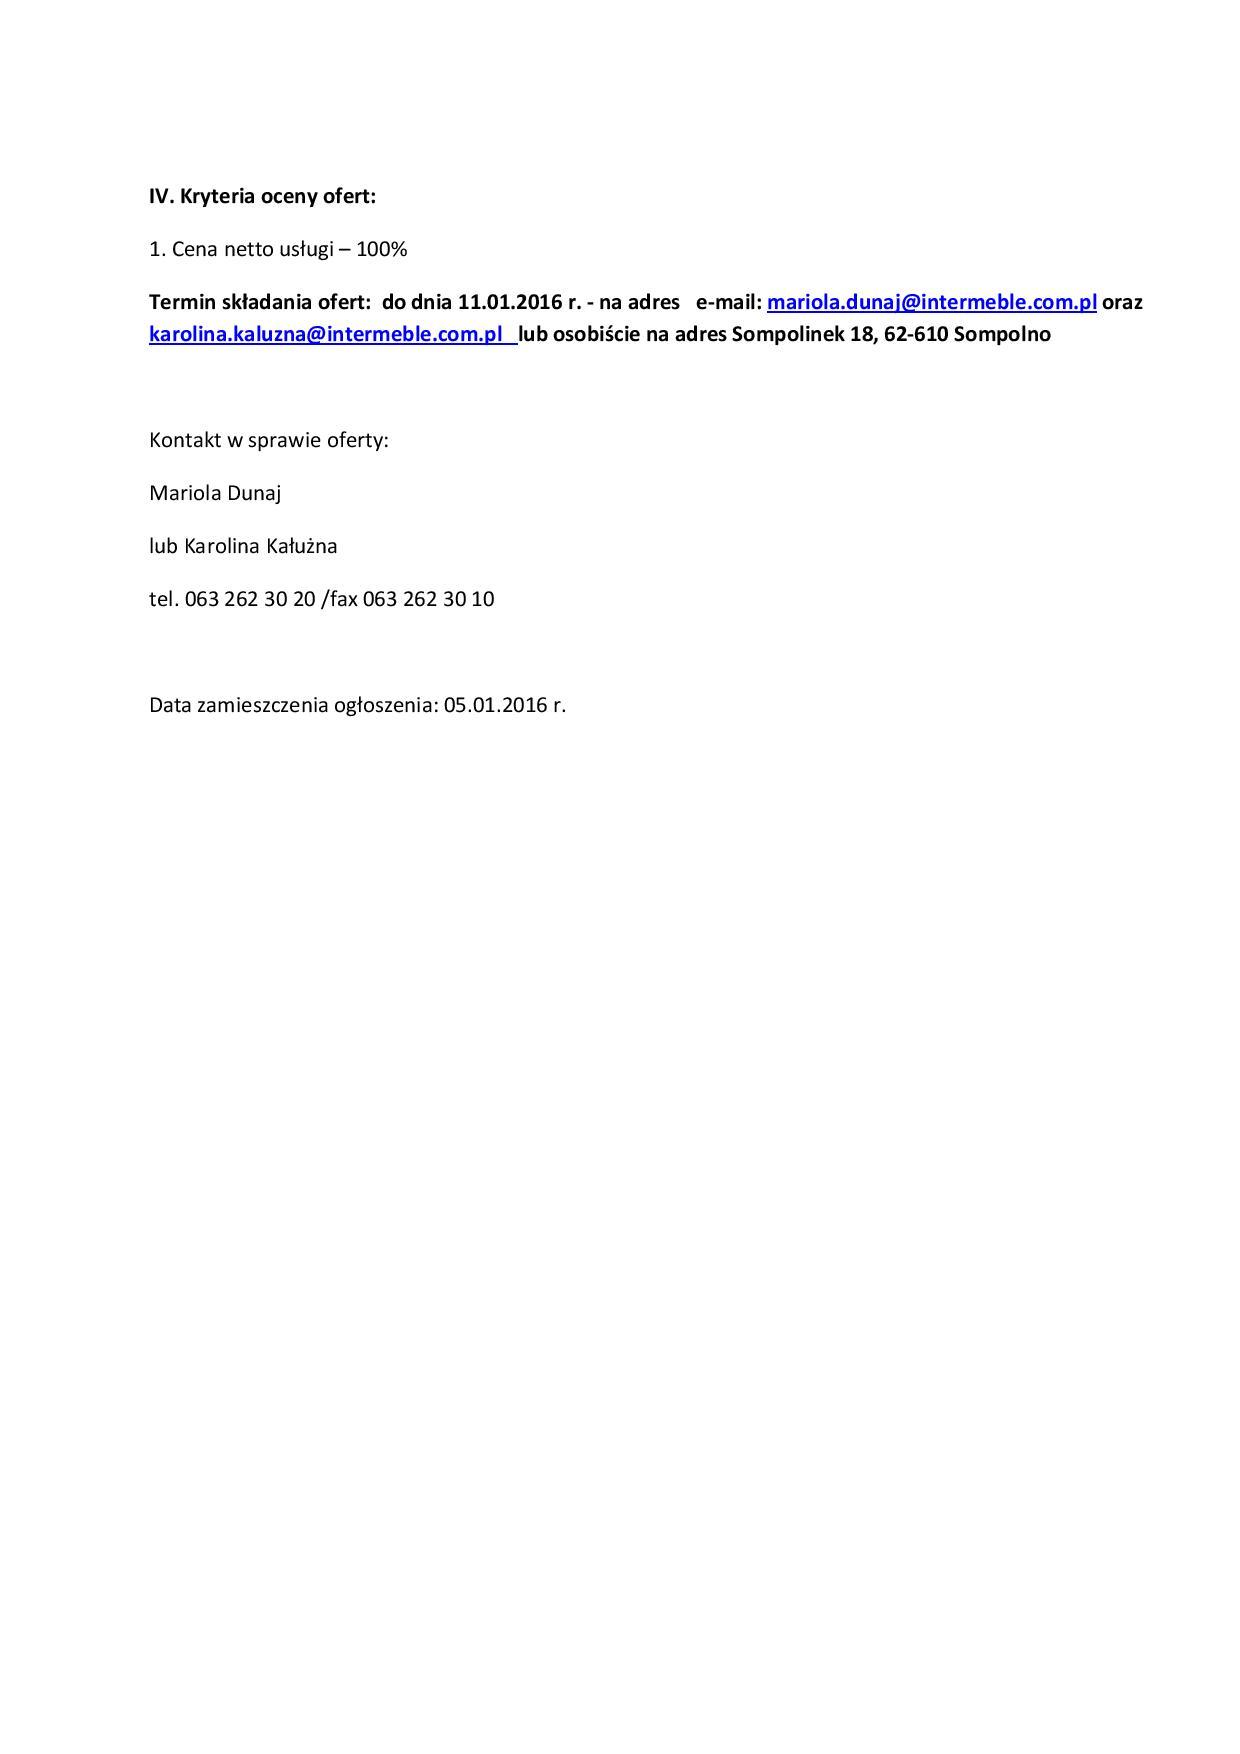 zapytanie ofertowe transport Kolonia 2016 meble ekspozycyjne-page-002